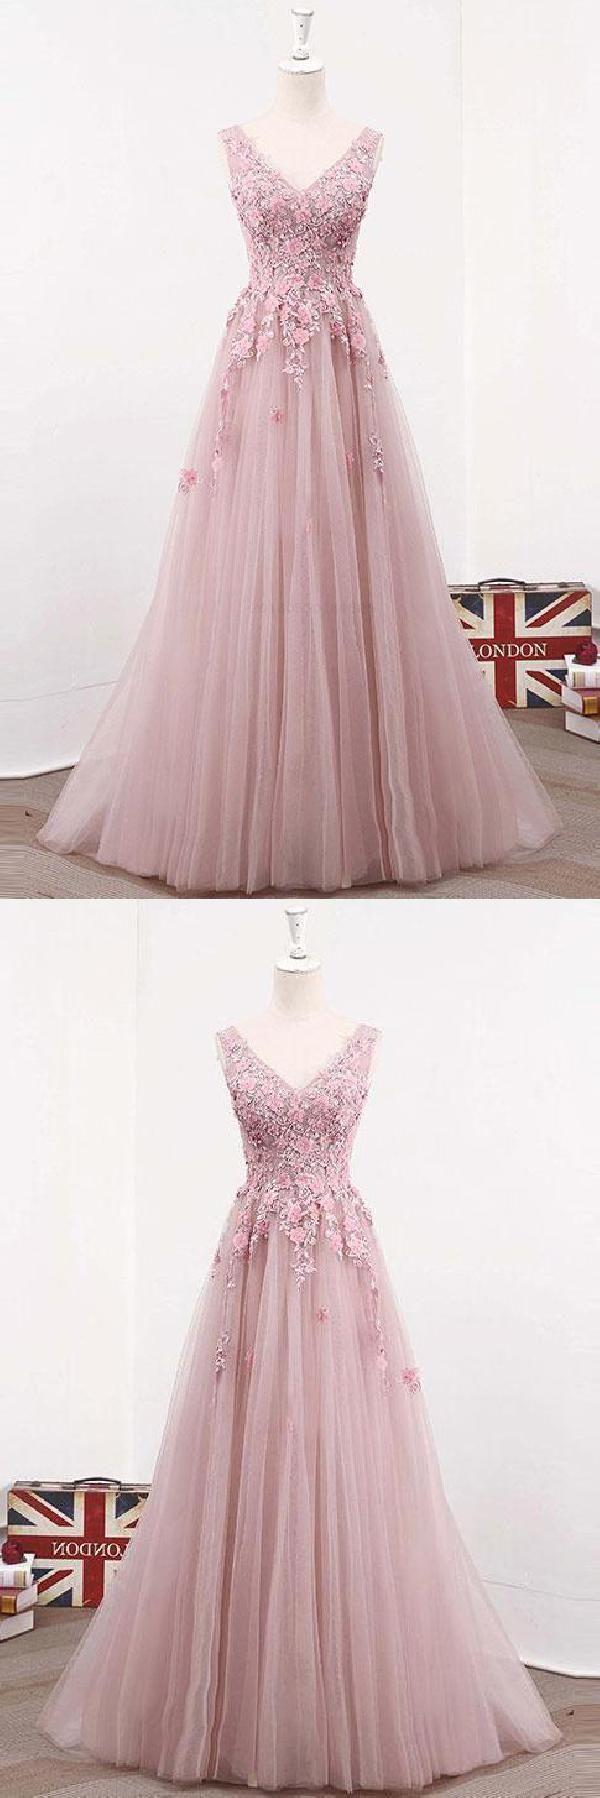 Pink prom dresses long prom dresses prom dresses lace dress